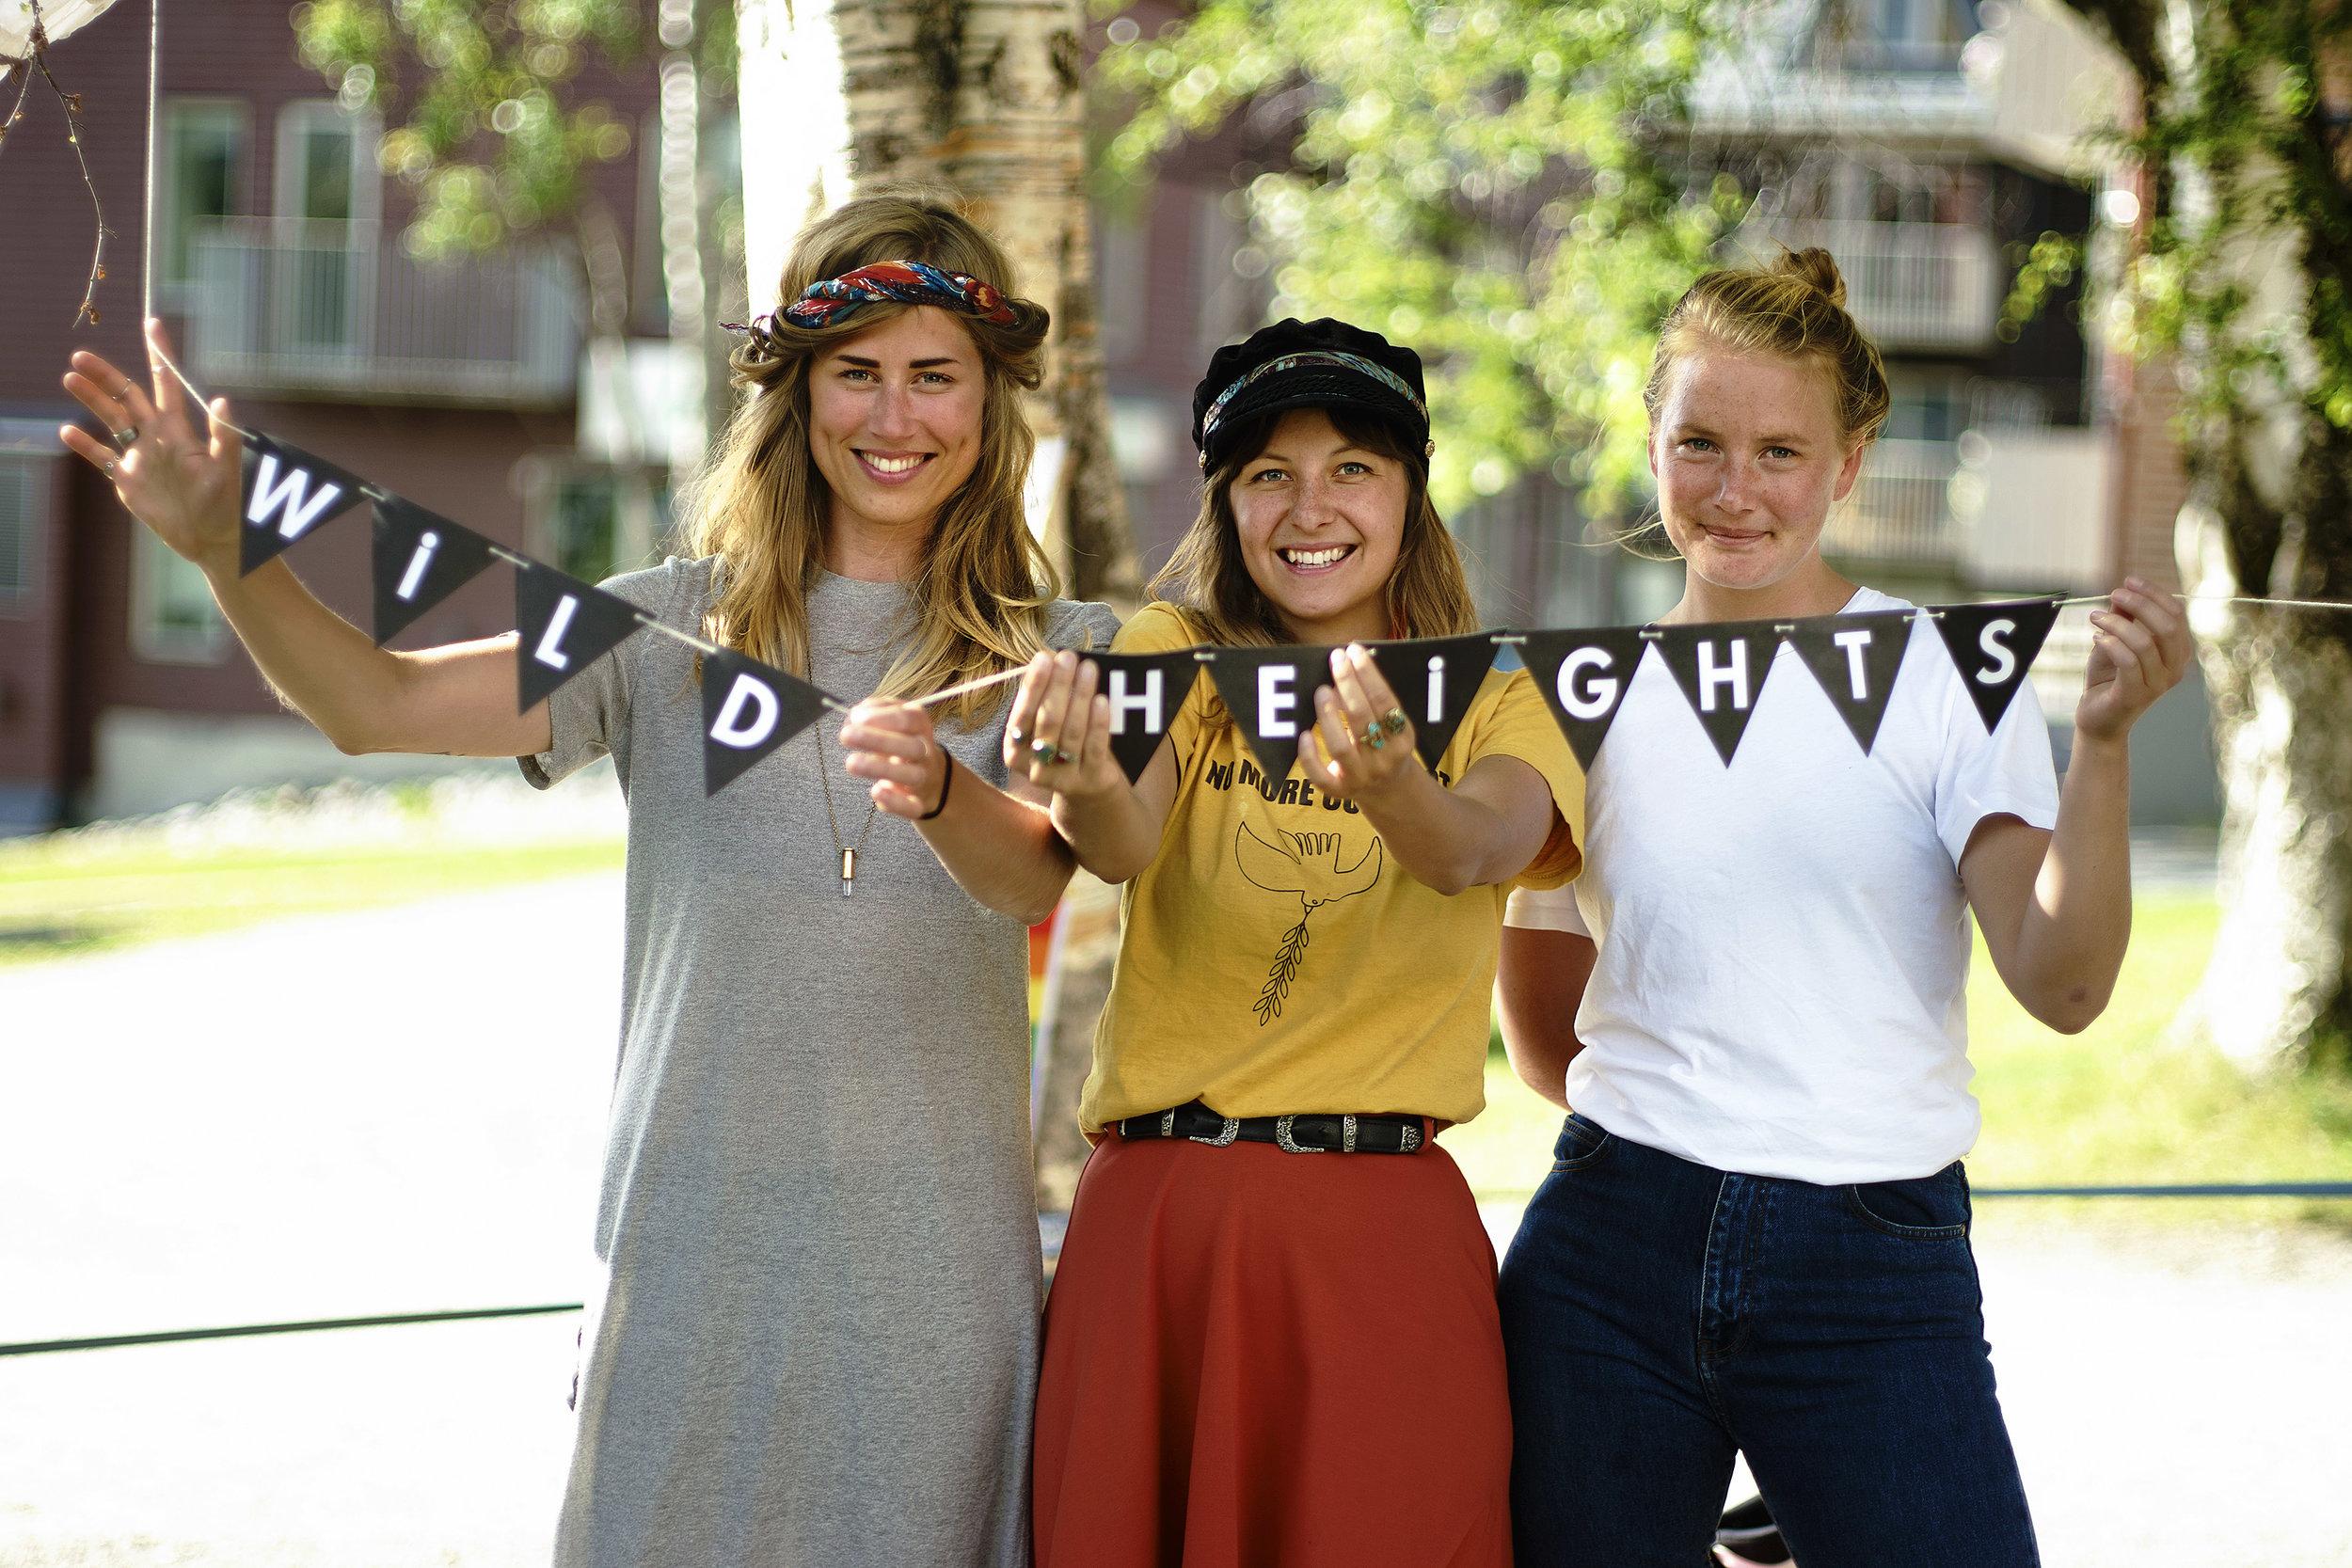 W I L DH E I G H T S – Matilda Pettersson, Nicole Modigh & Alexandra Hedengren. foto: Lina Johansson